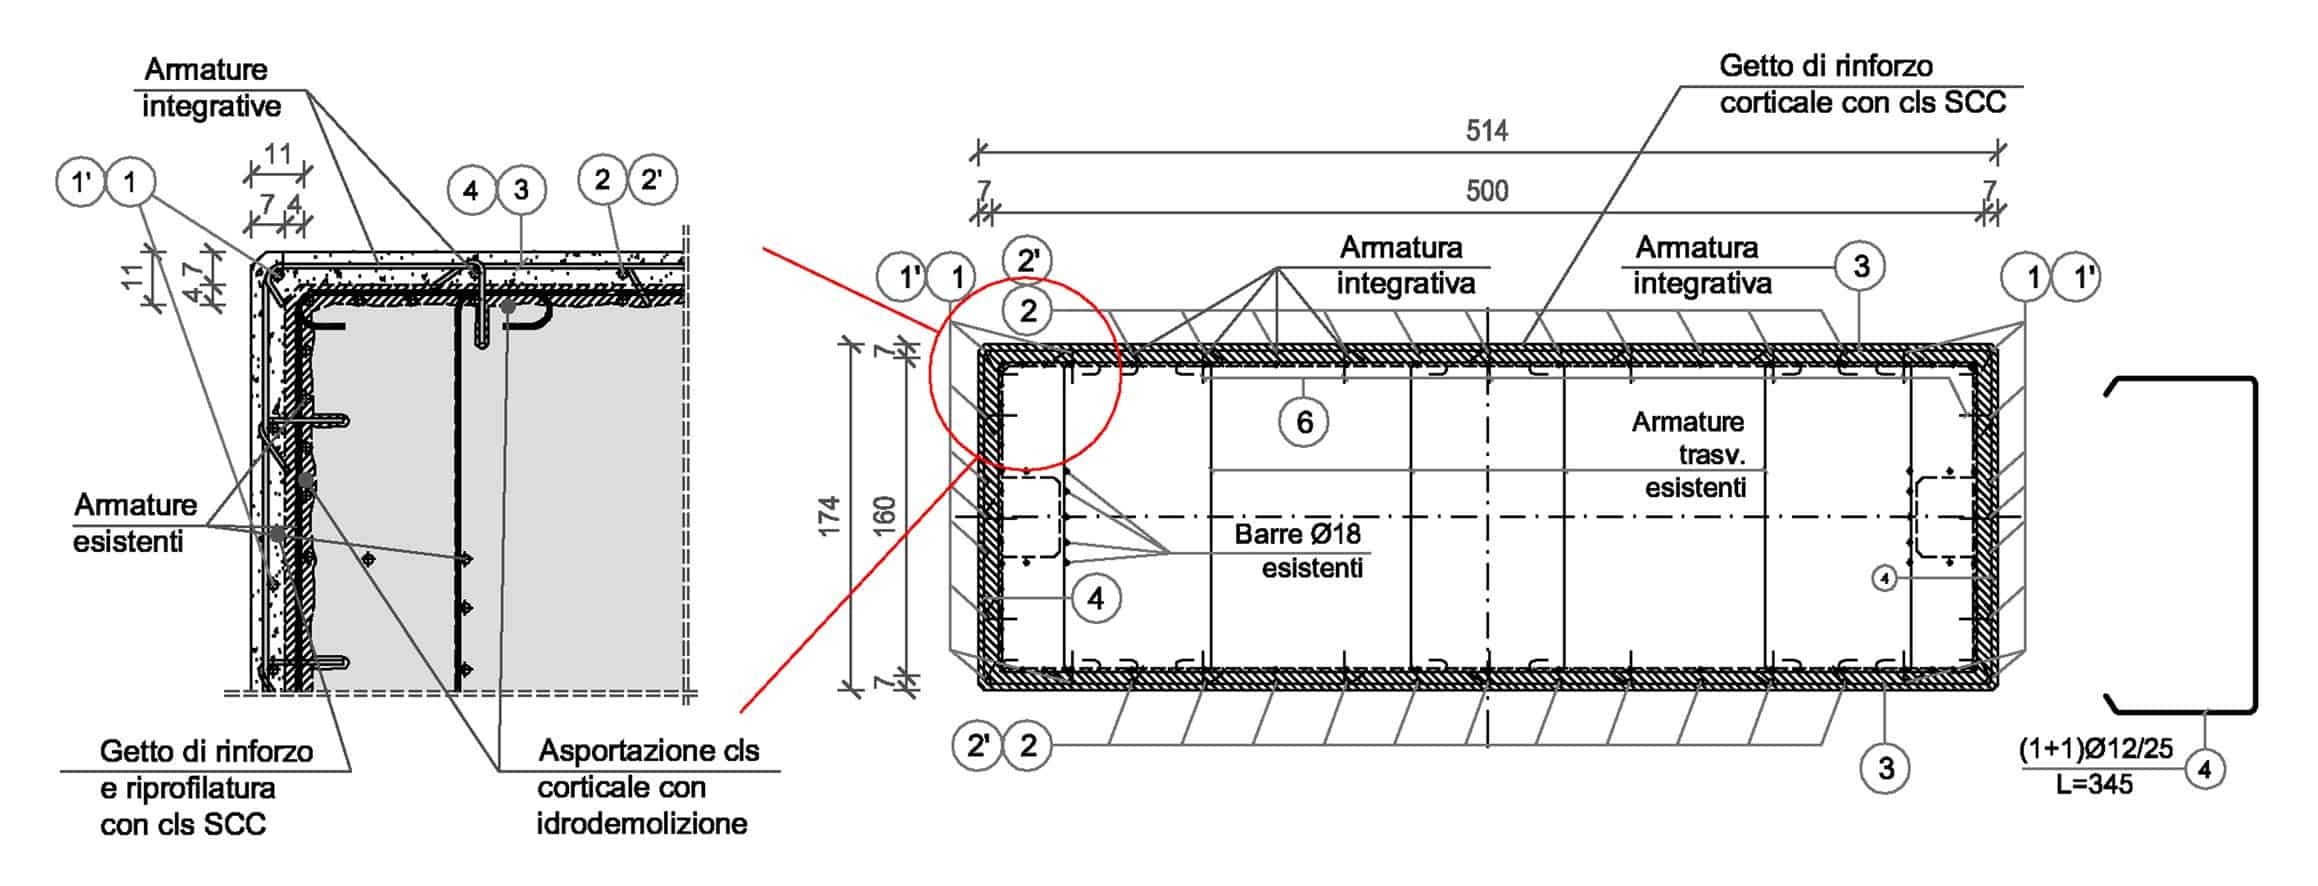 Lo schema dell'intervento di risanamento/rinforzo dei fusti delle pile (dimensioni in centimetri): dettaglio e armatura della sezione di base